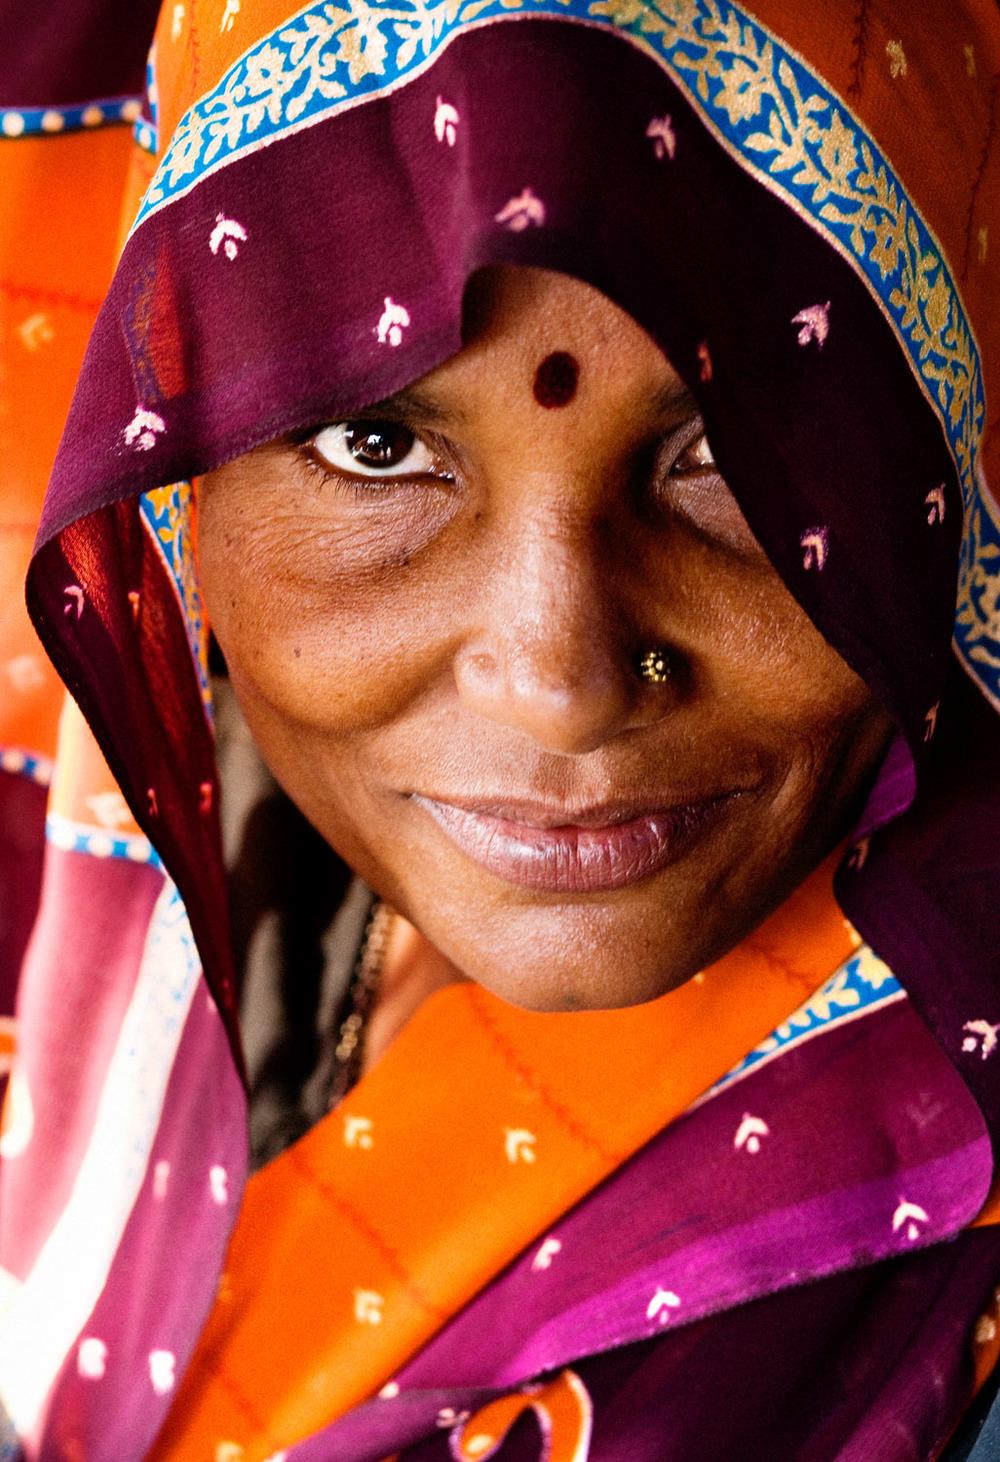 India_TW_9219.jpg